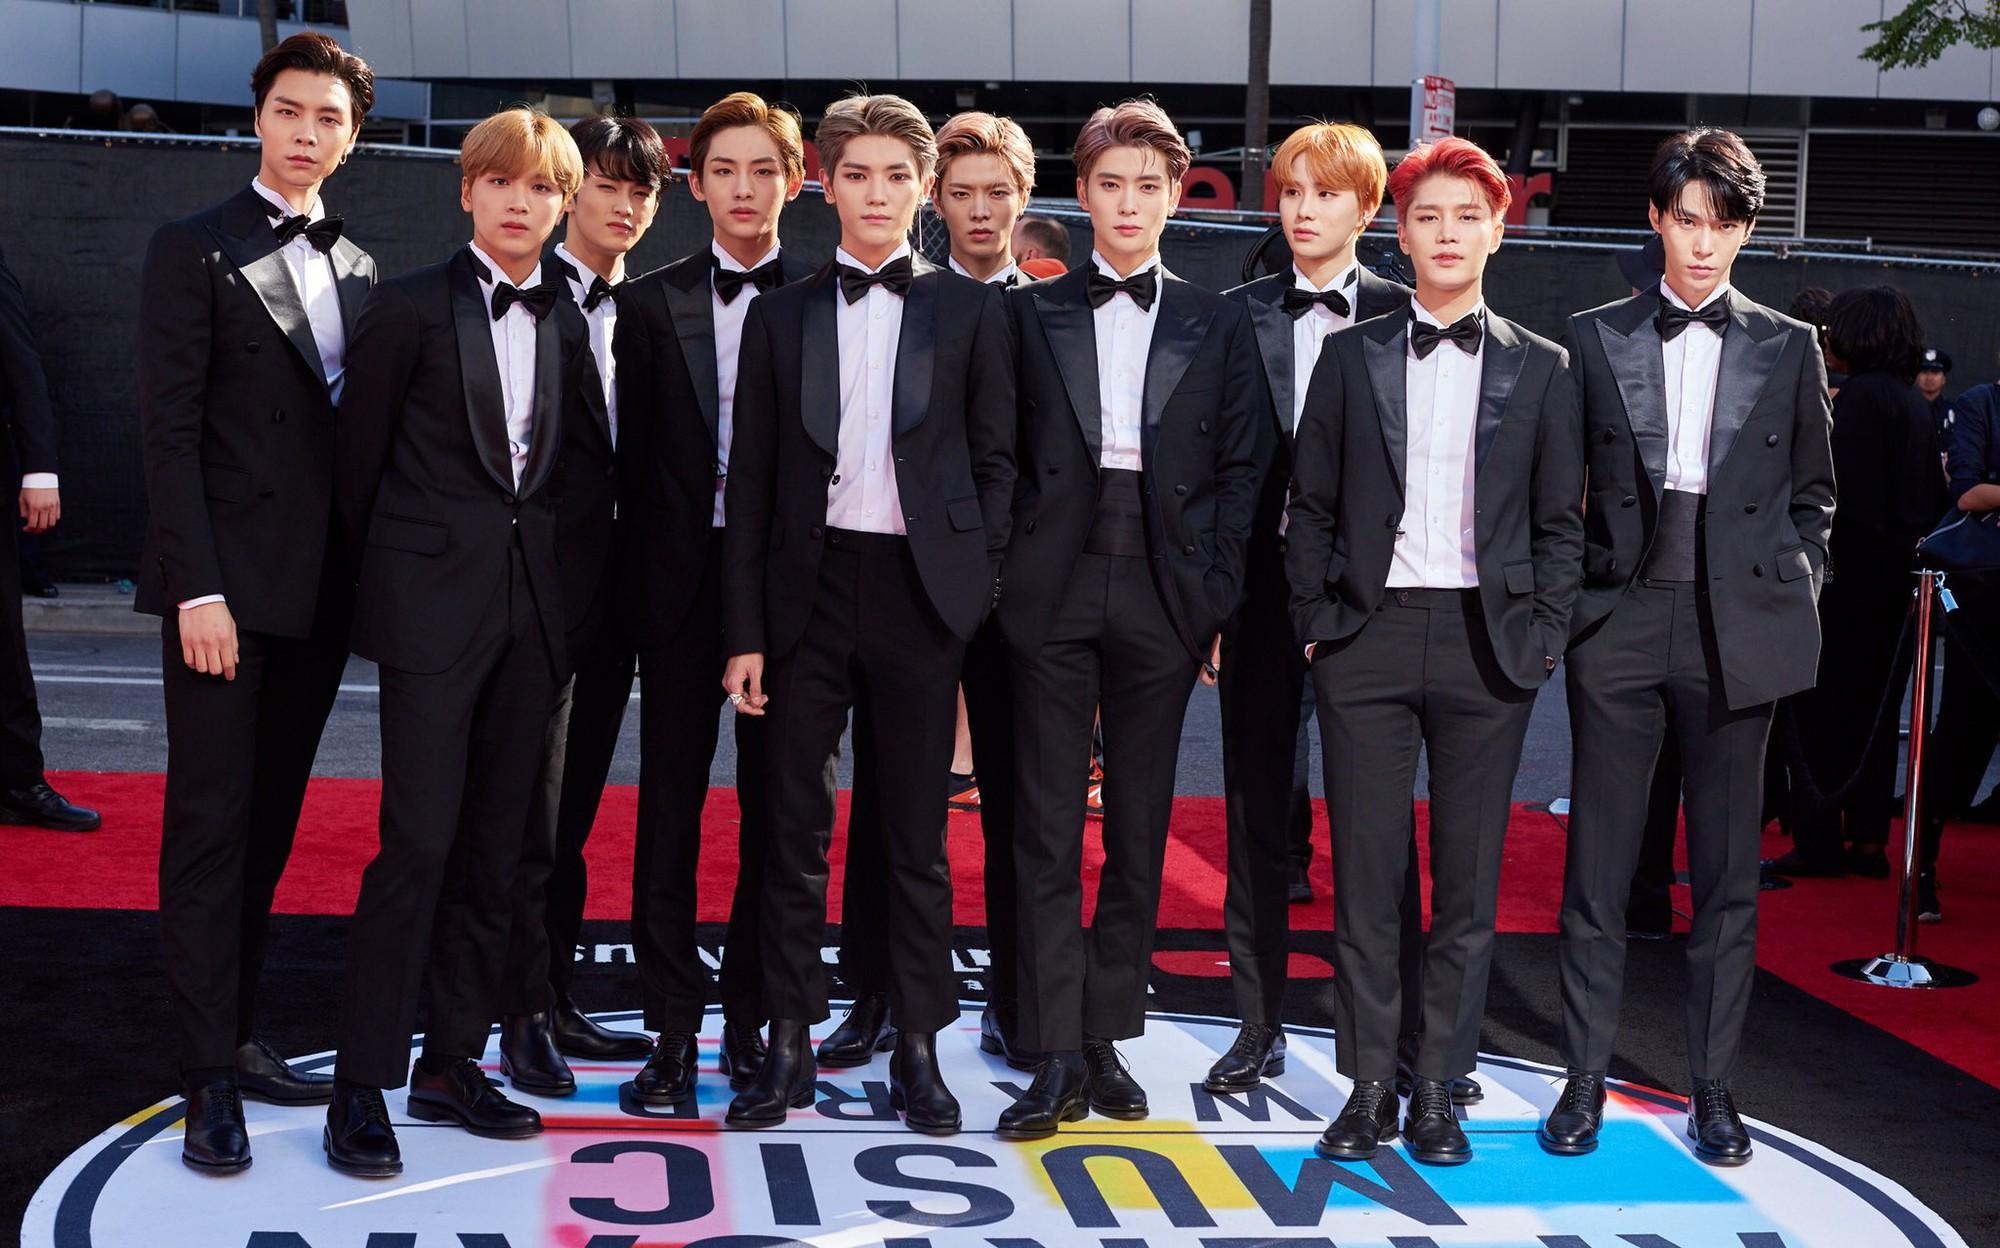 Báo Ấn Độ bị chỉ trích vì nhầm NCT 127 là BTS tại lễ trao giải American Music Awards 2018 - Ảnh 2.